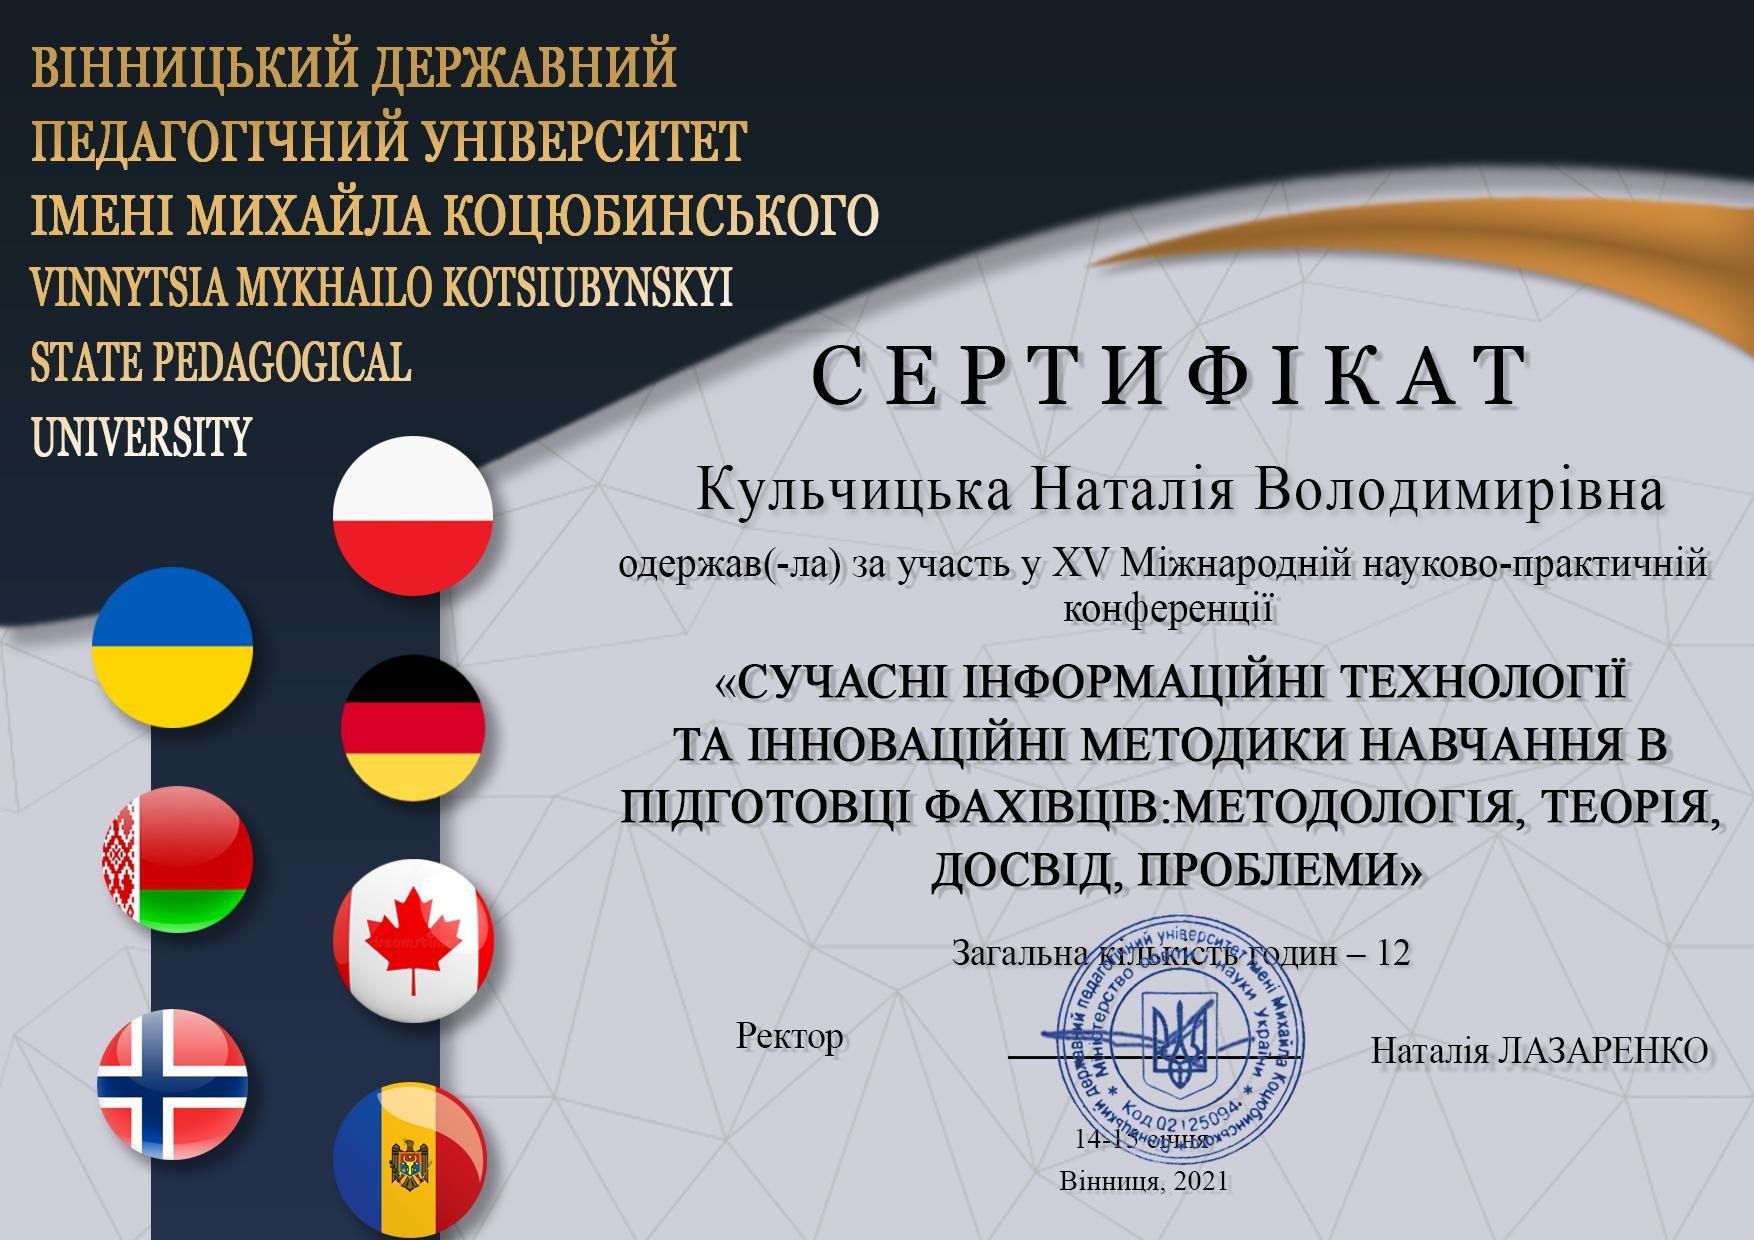 Кульчицька Наталія Володимирівна